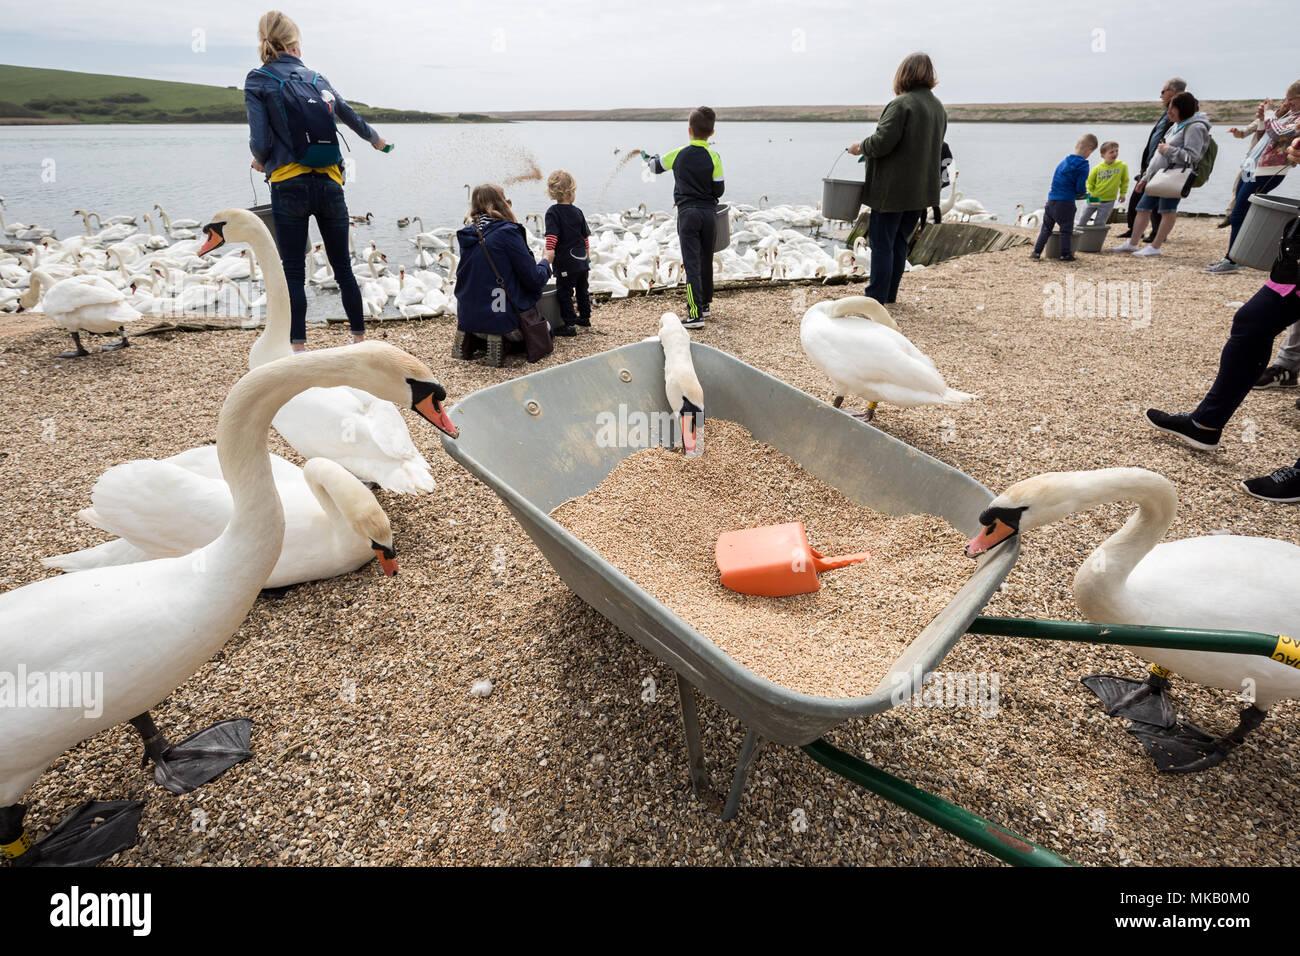 Abbotsbury Swannery in Dorset, UK. - Stock Image